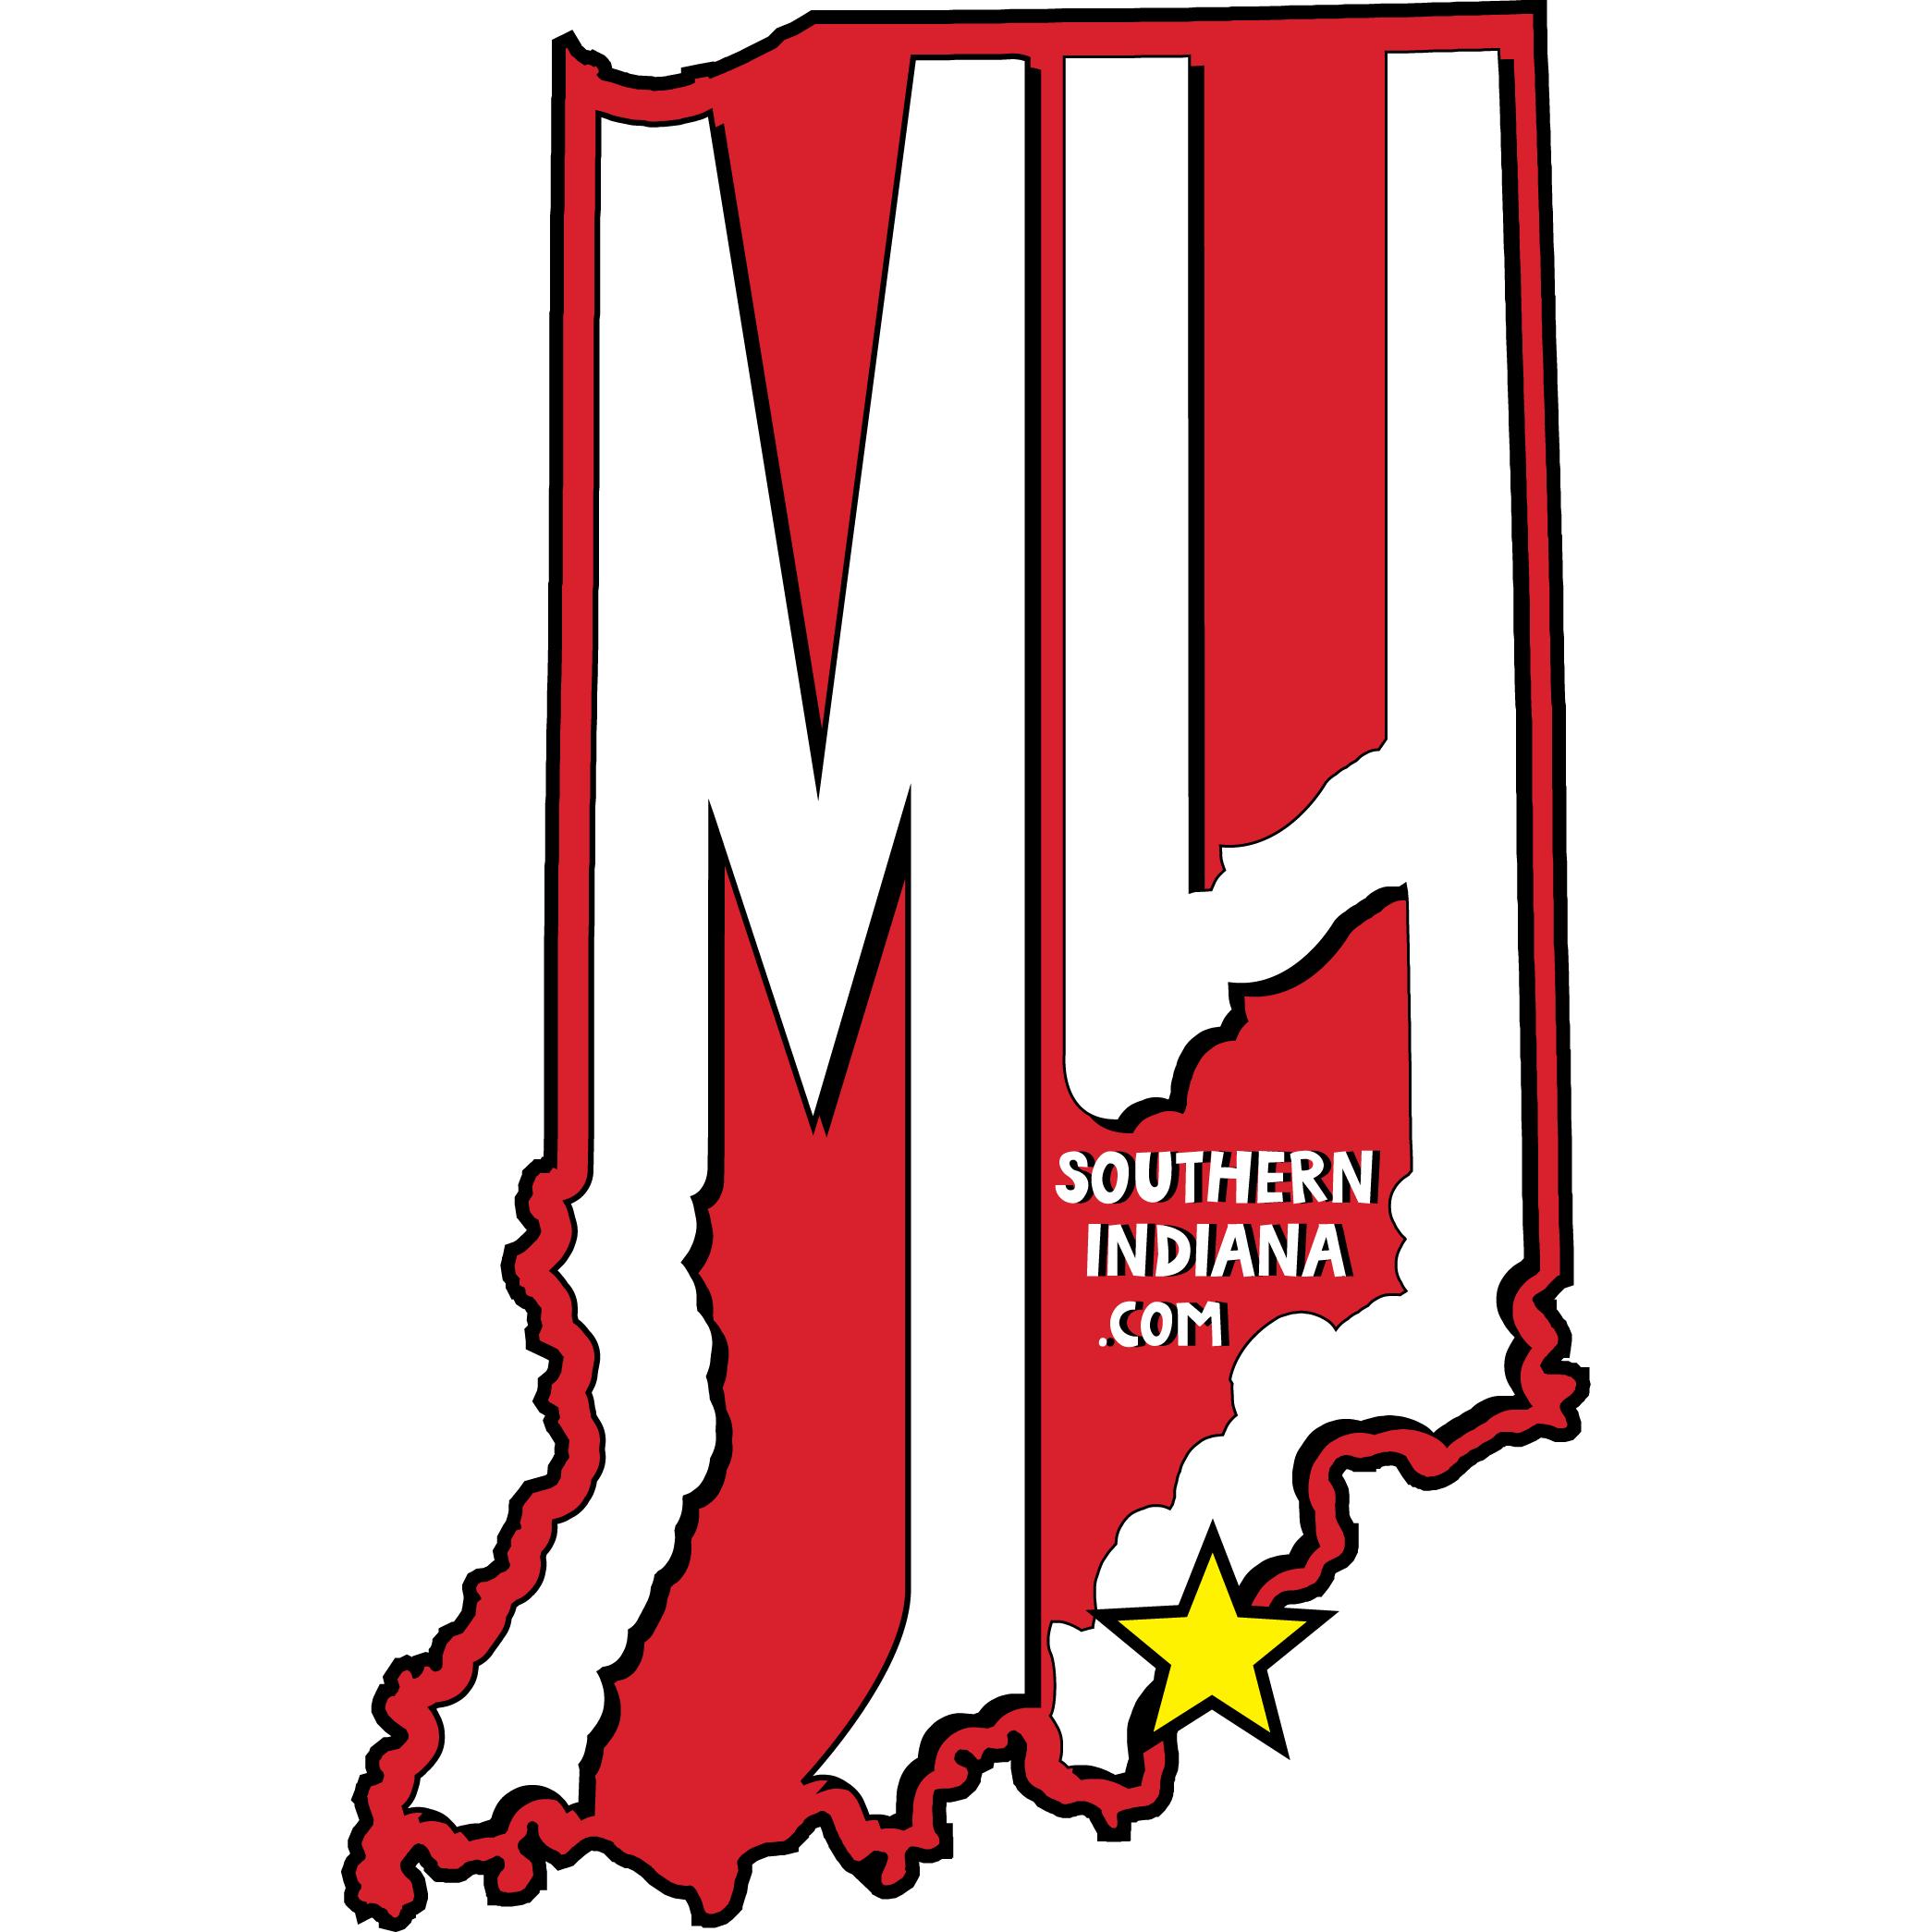 MySouthernIndiana.com